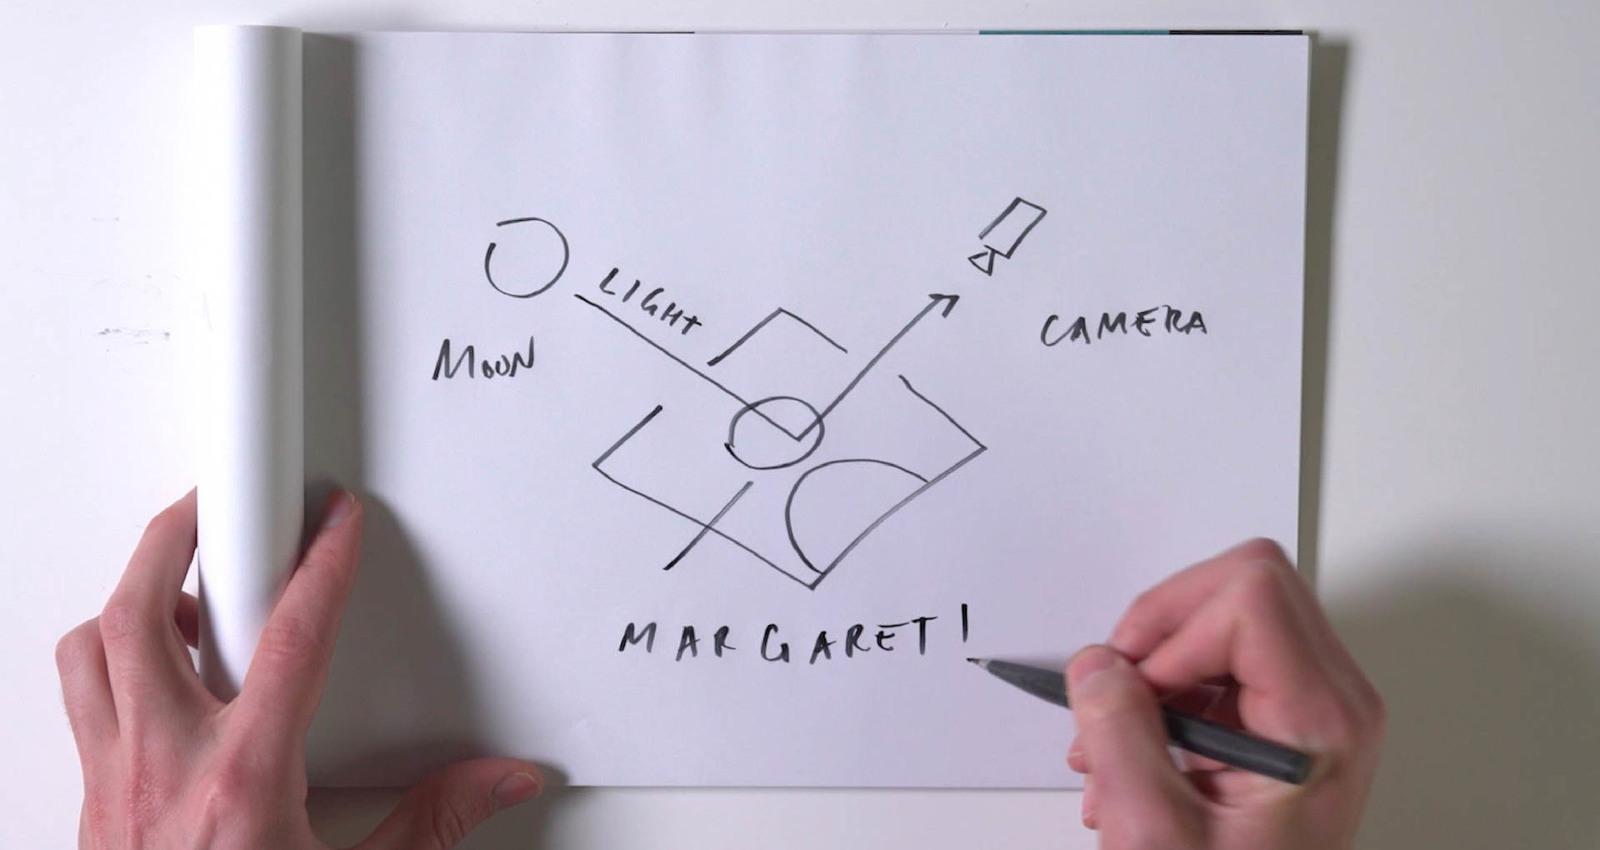 Margaret by Moonlight